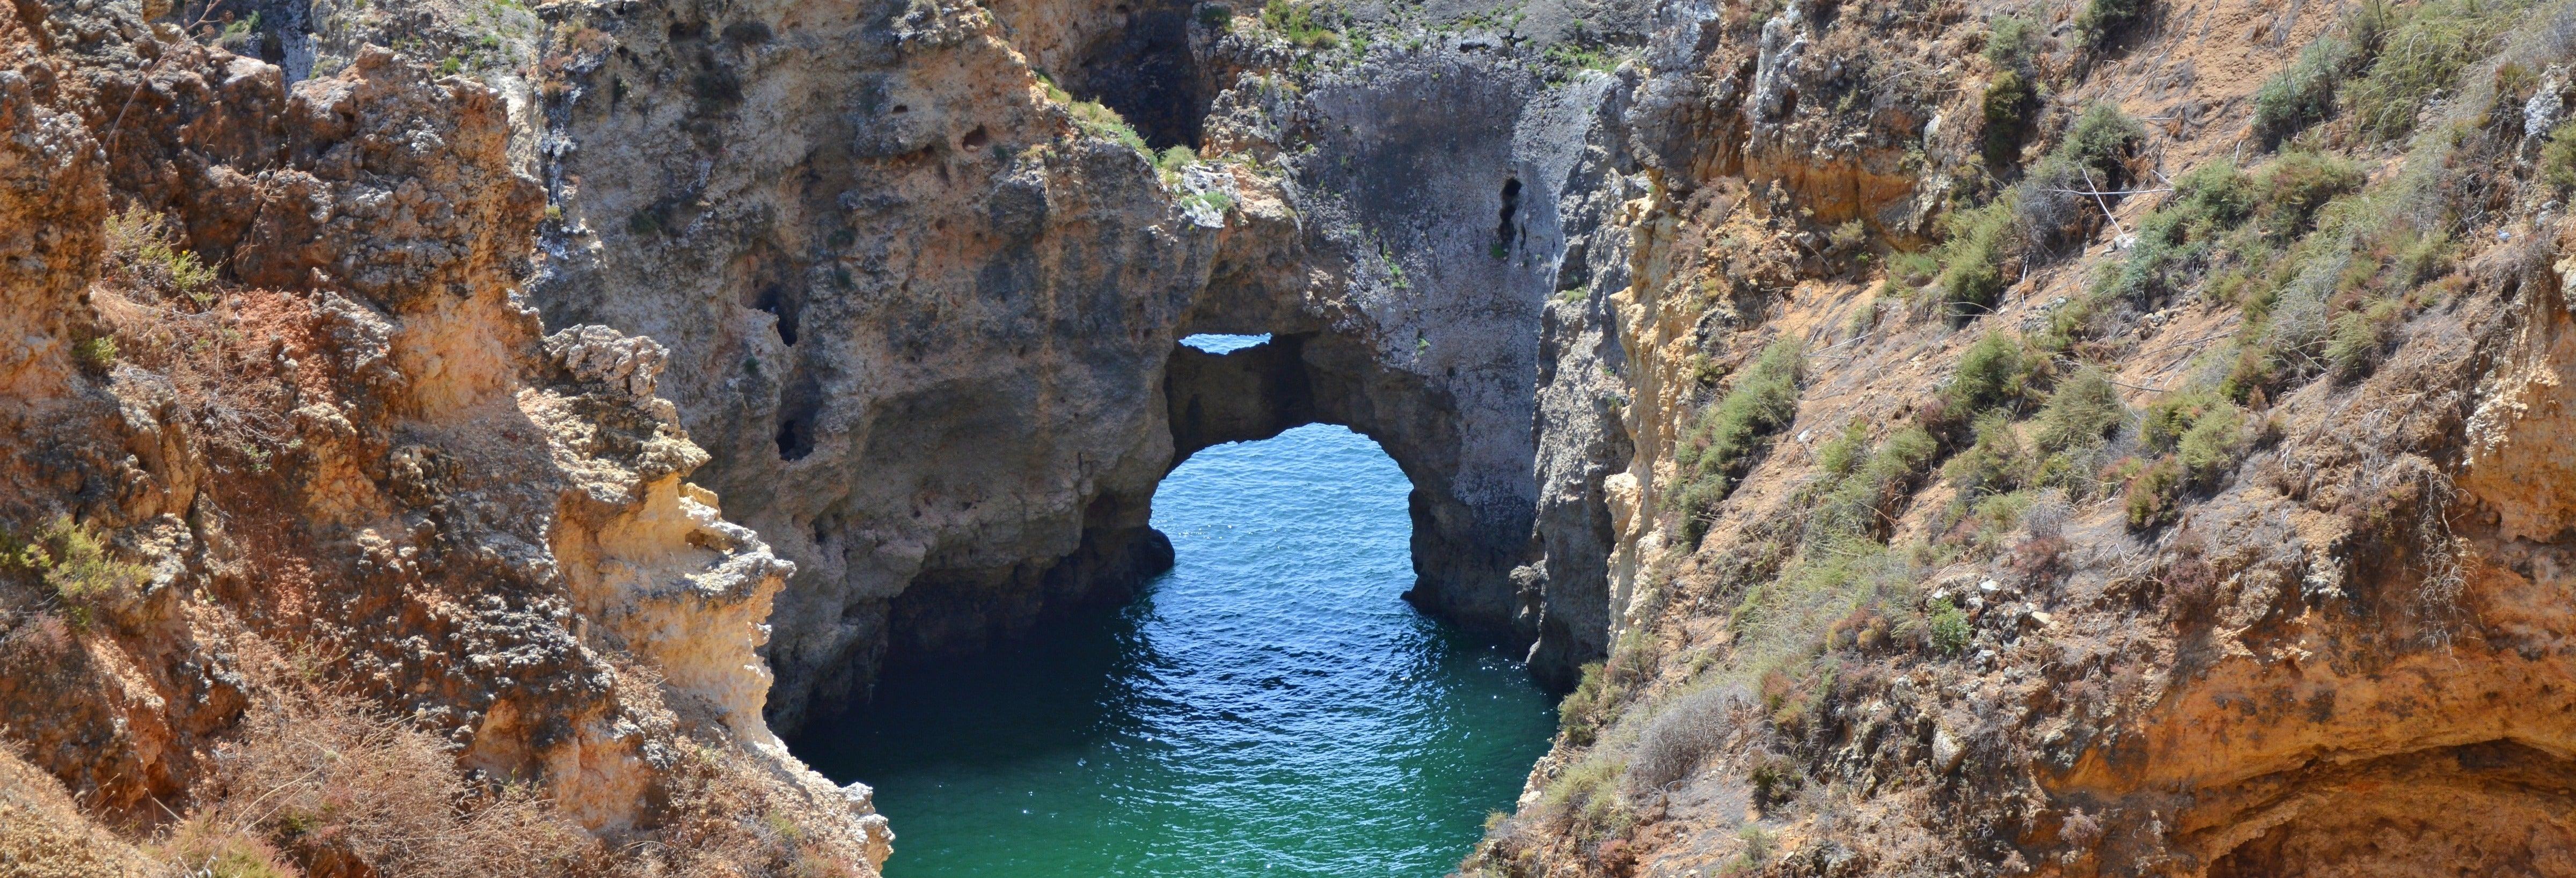 Paseo en barco a las cuevas de Ponta da Piedade